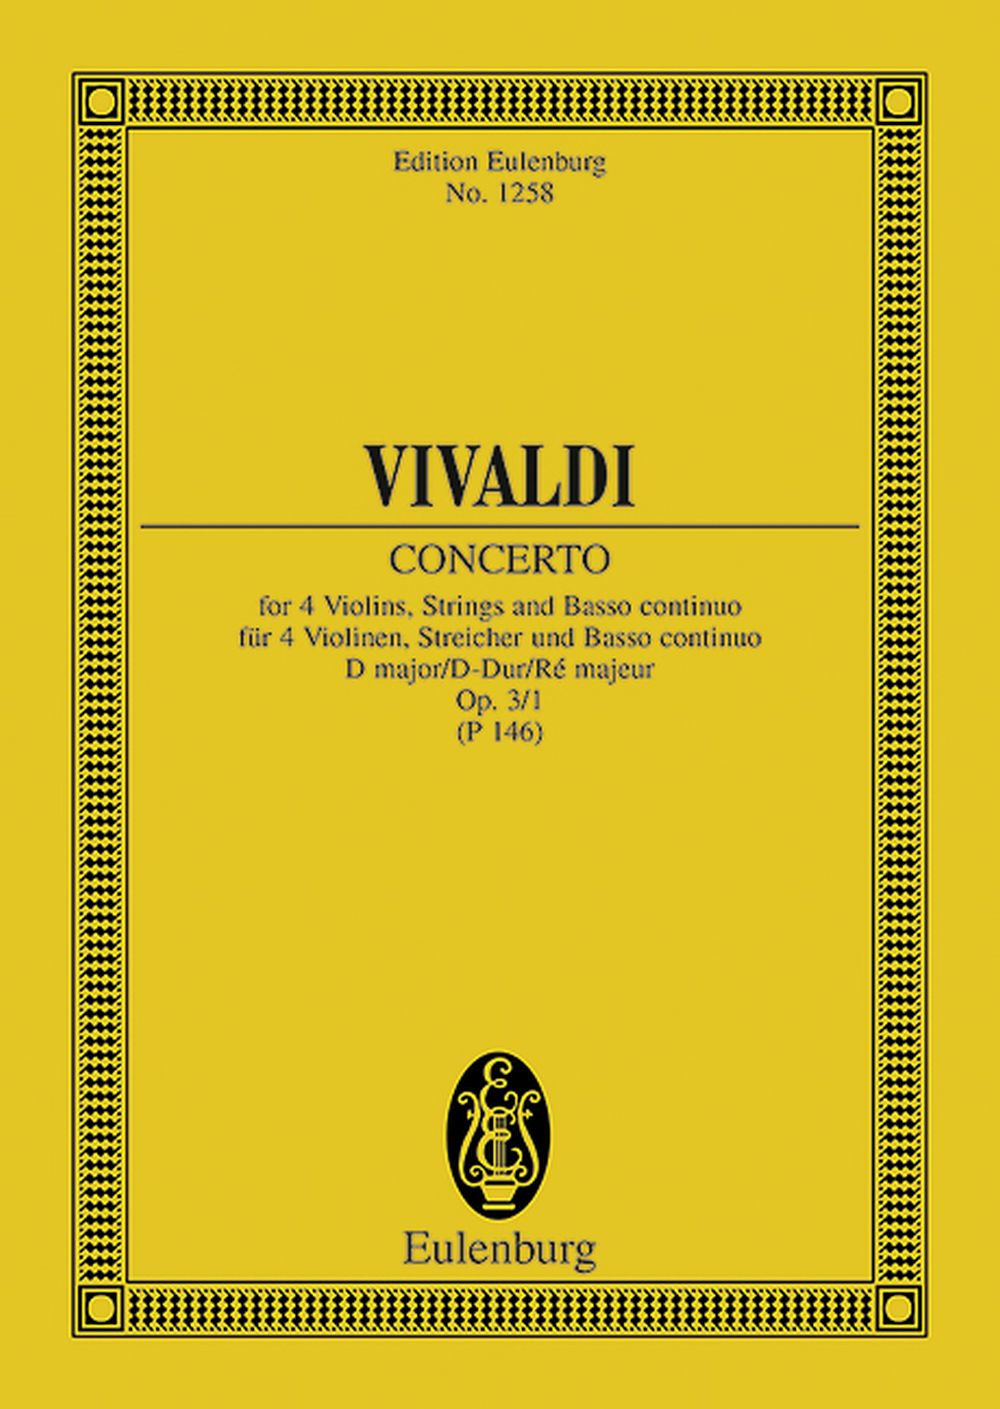 Antonio Vivaldi: L'Estro Armonico Op. 3 No. 1 RV 549 / PV 146: String Ensemble: